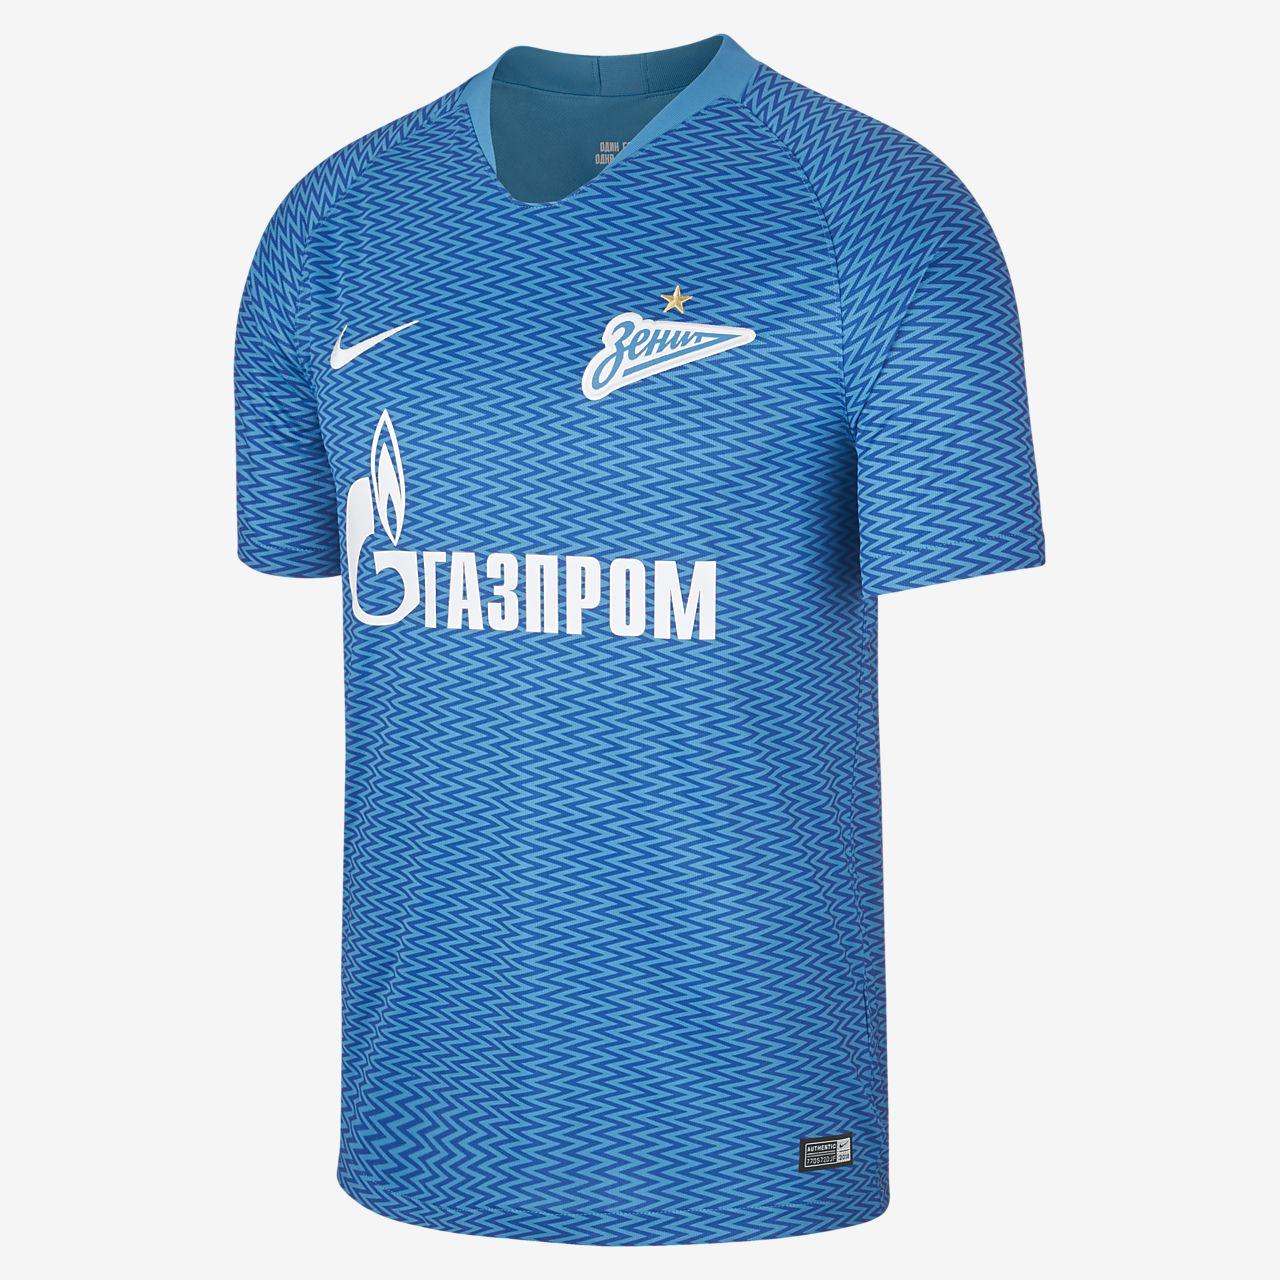 Pánský domácí fotbalový dres 2018/19 FC Zenit Stadium